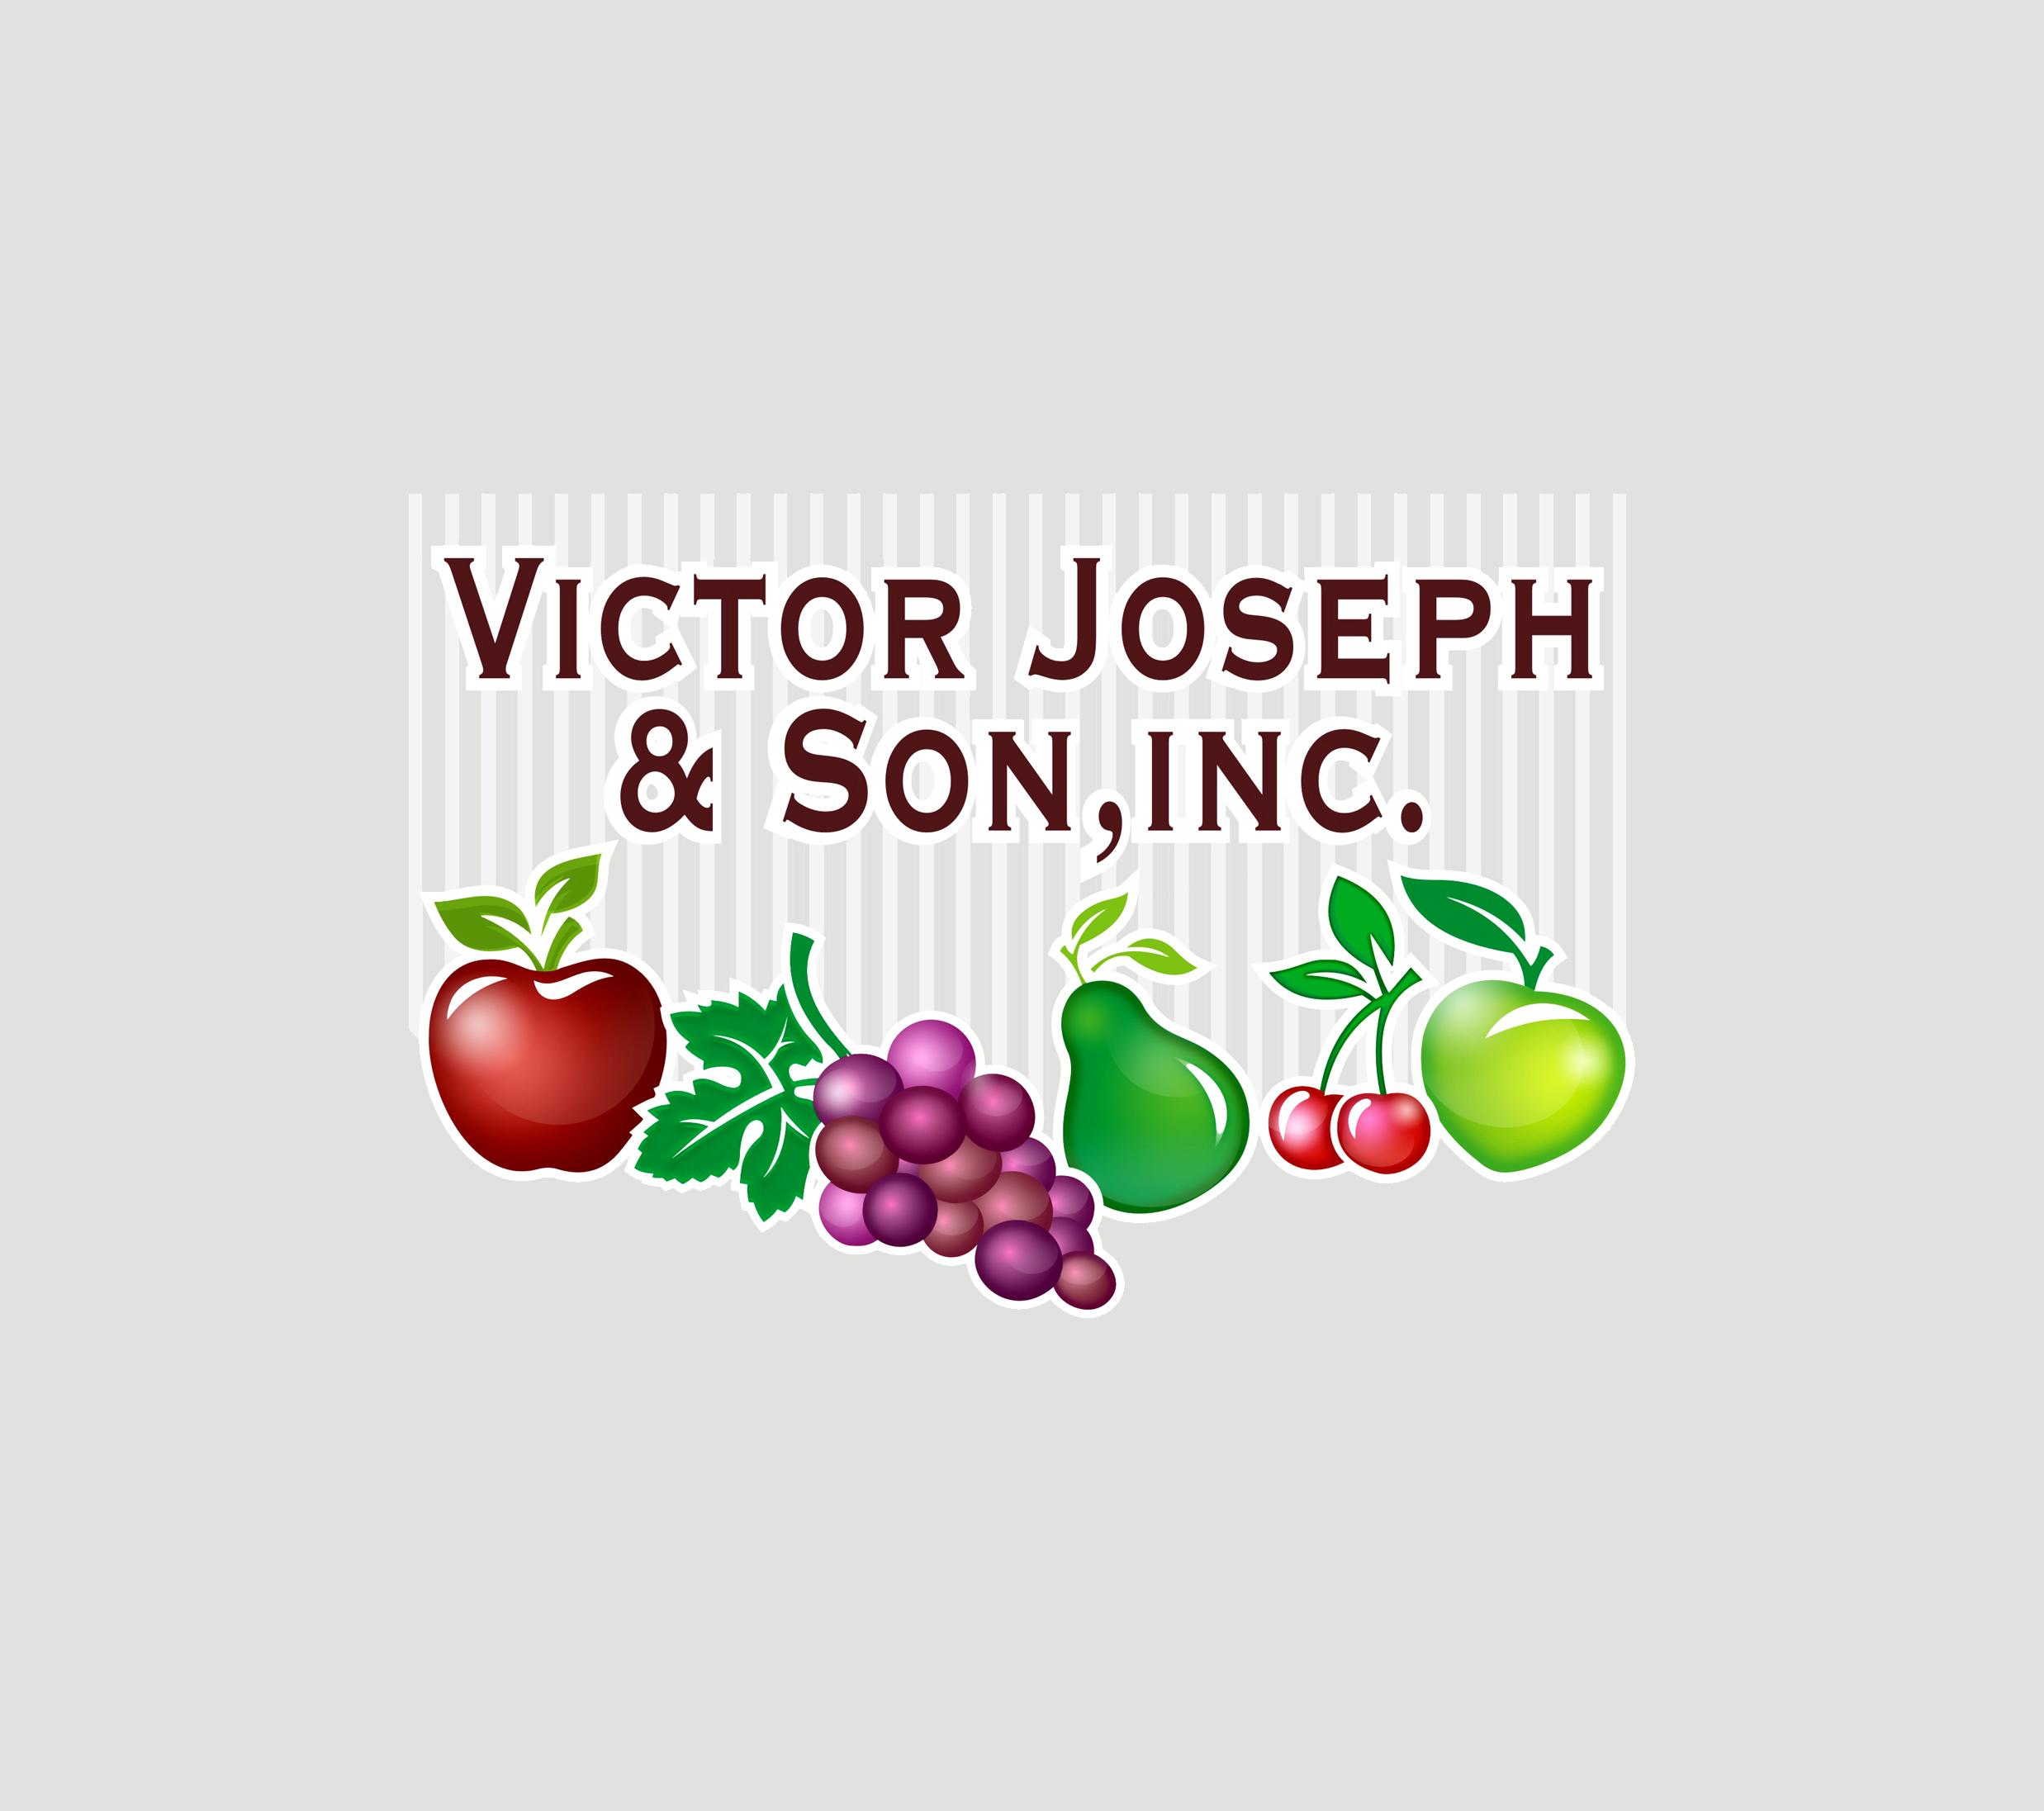 Logo Design by Private User - Entry No. 247 in the Logo Design Contest Imaginative Logo Design for Victor Joseph & Son, Inc..